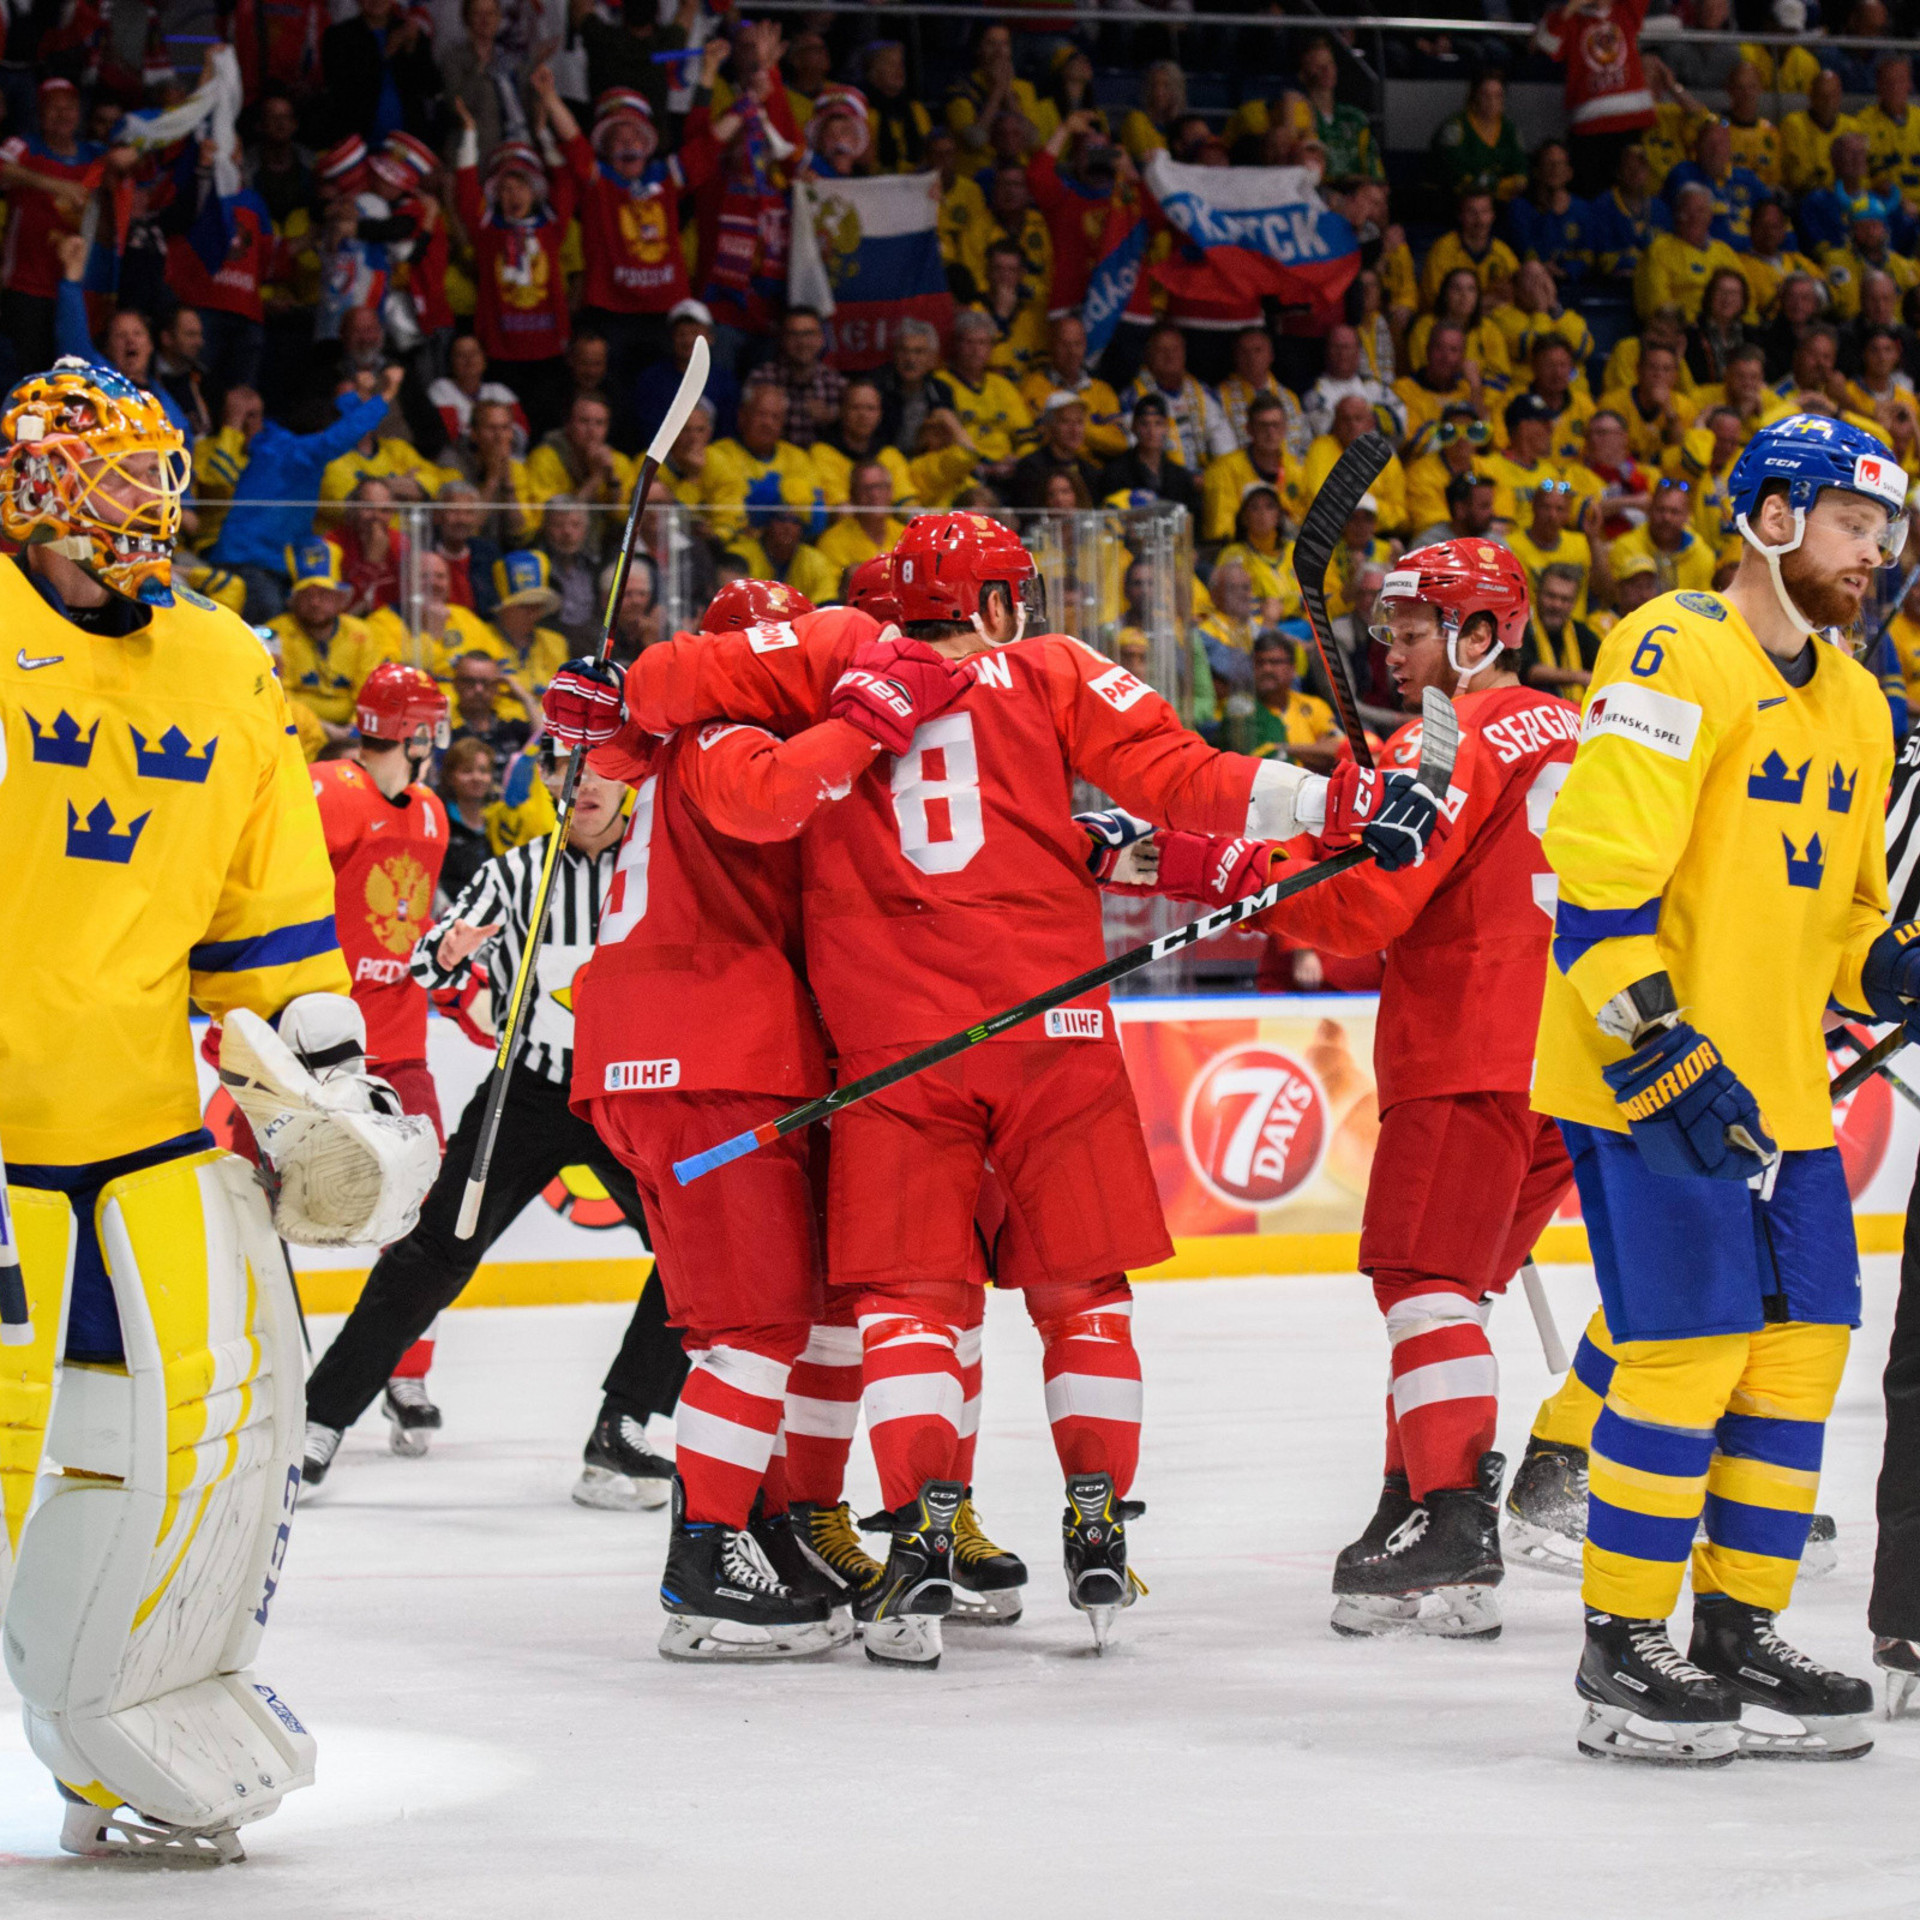 Журналист: рад, что Швеция не сыграет с Россией. Это могло стать унижен